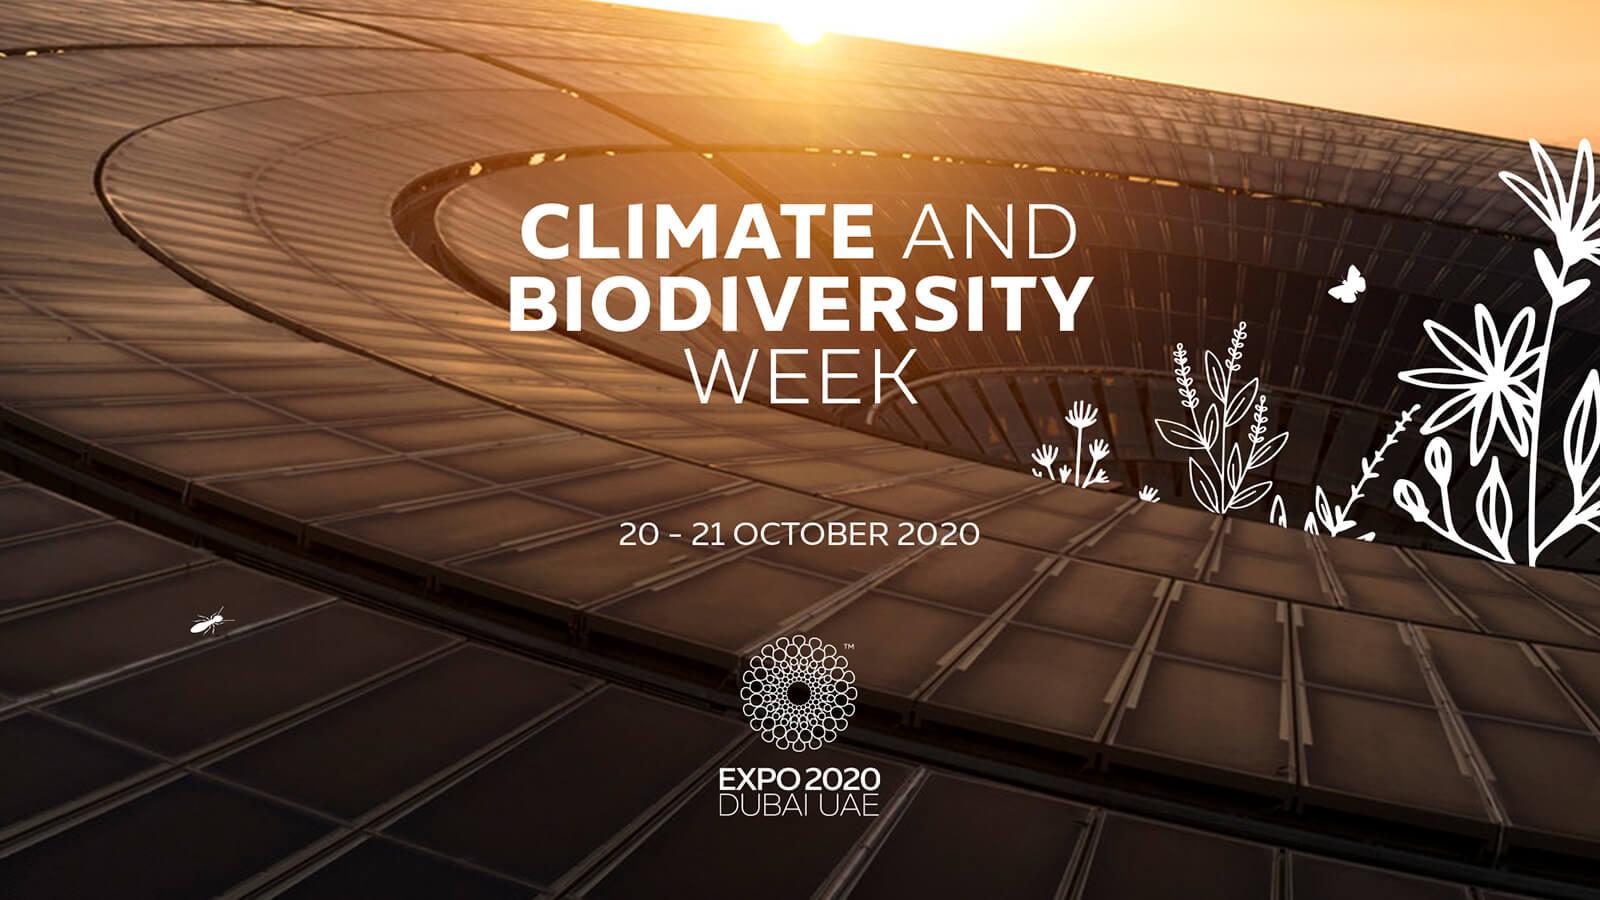 ASI - Cambiamento climatico e biodiversità: Italia protagonista in Expo 2020 Dubai